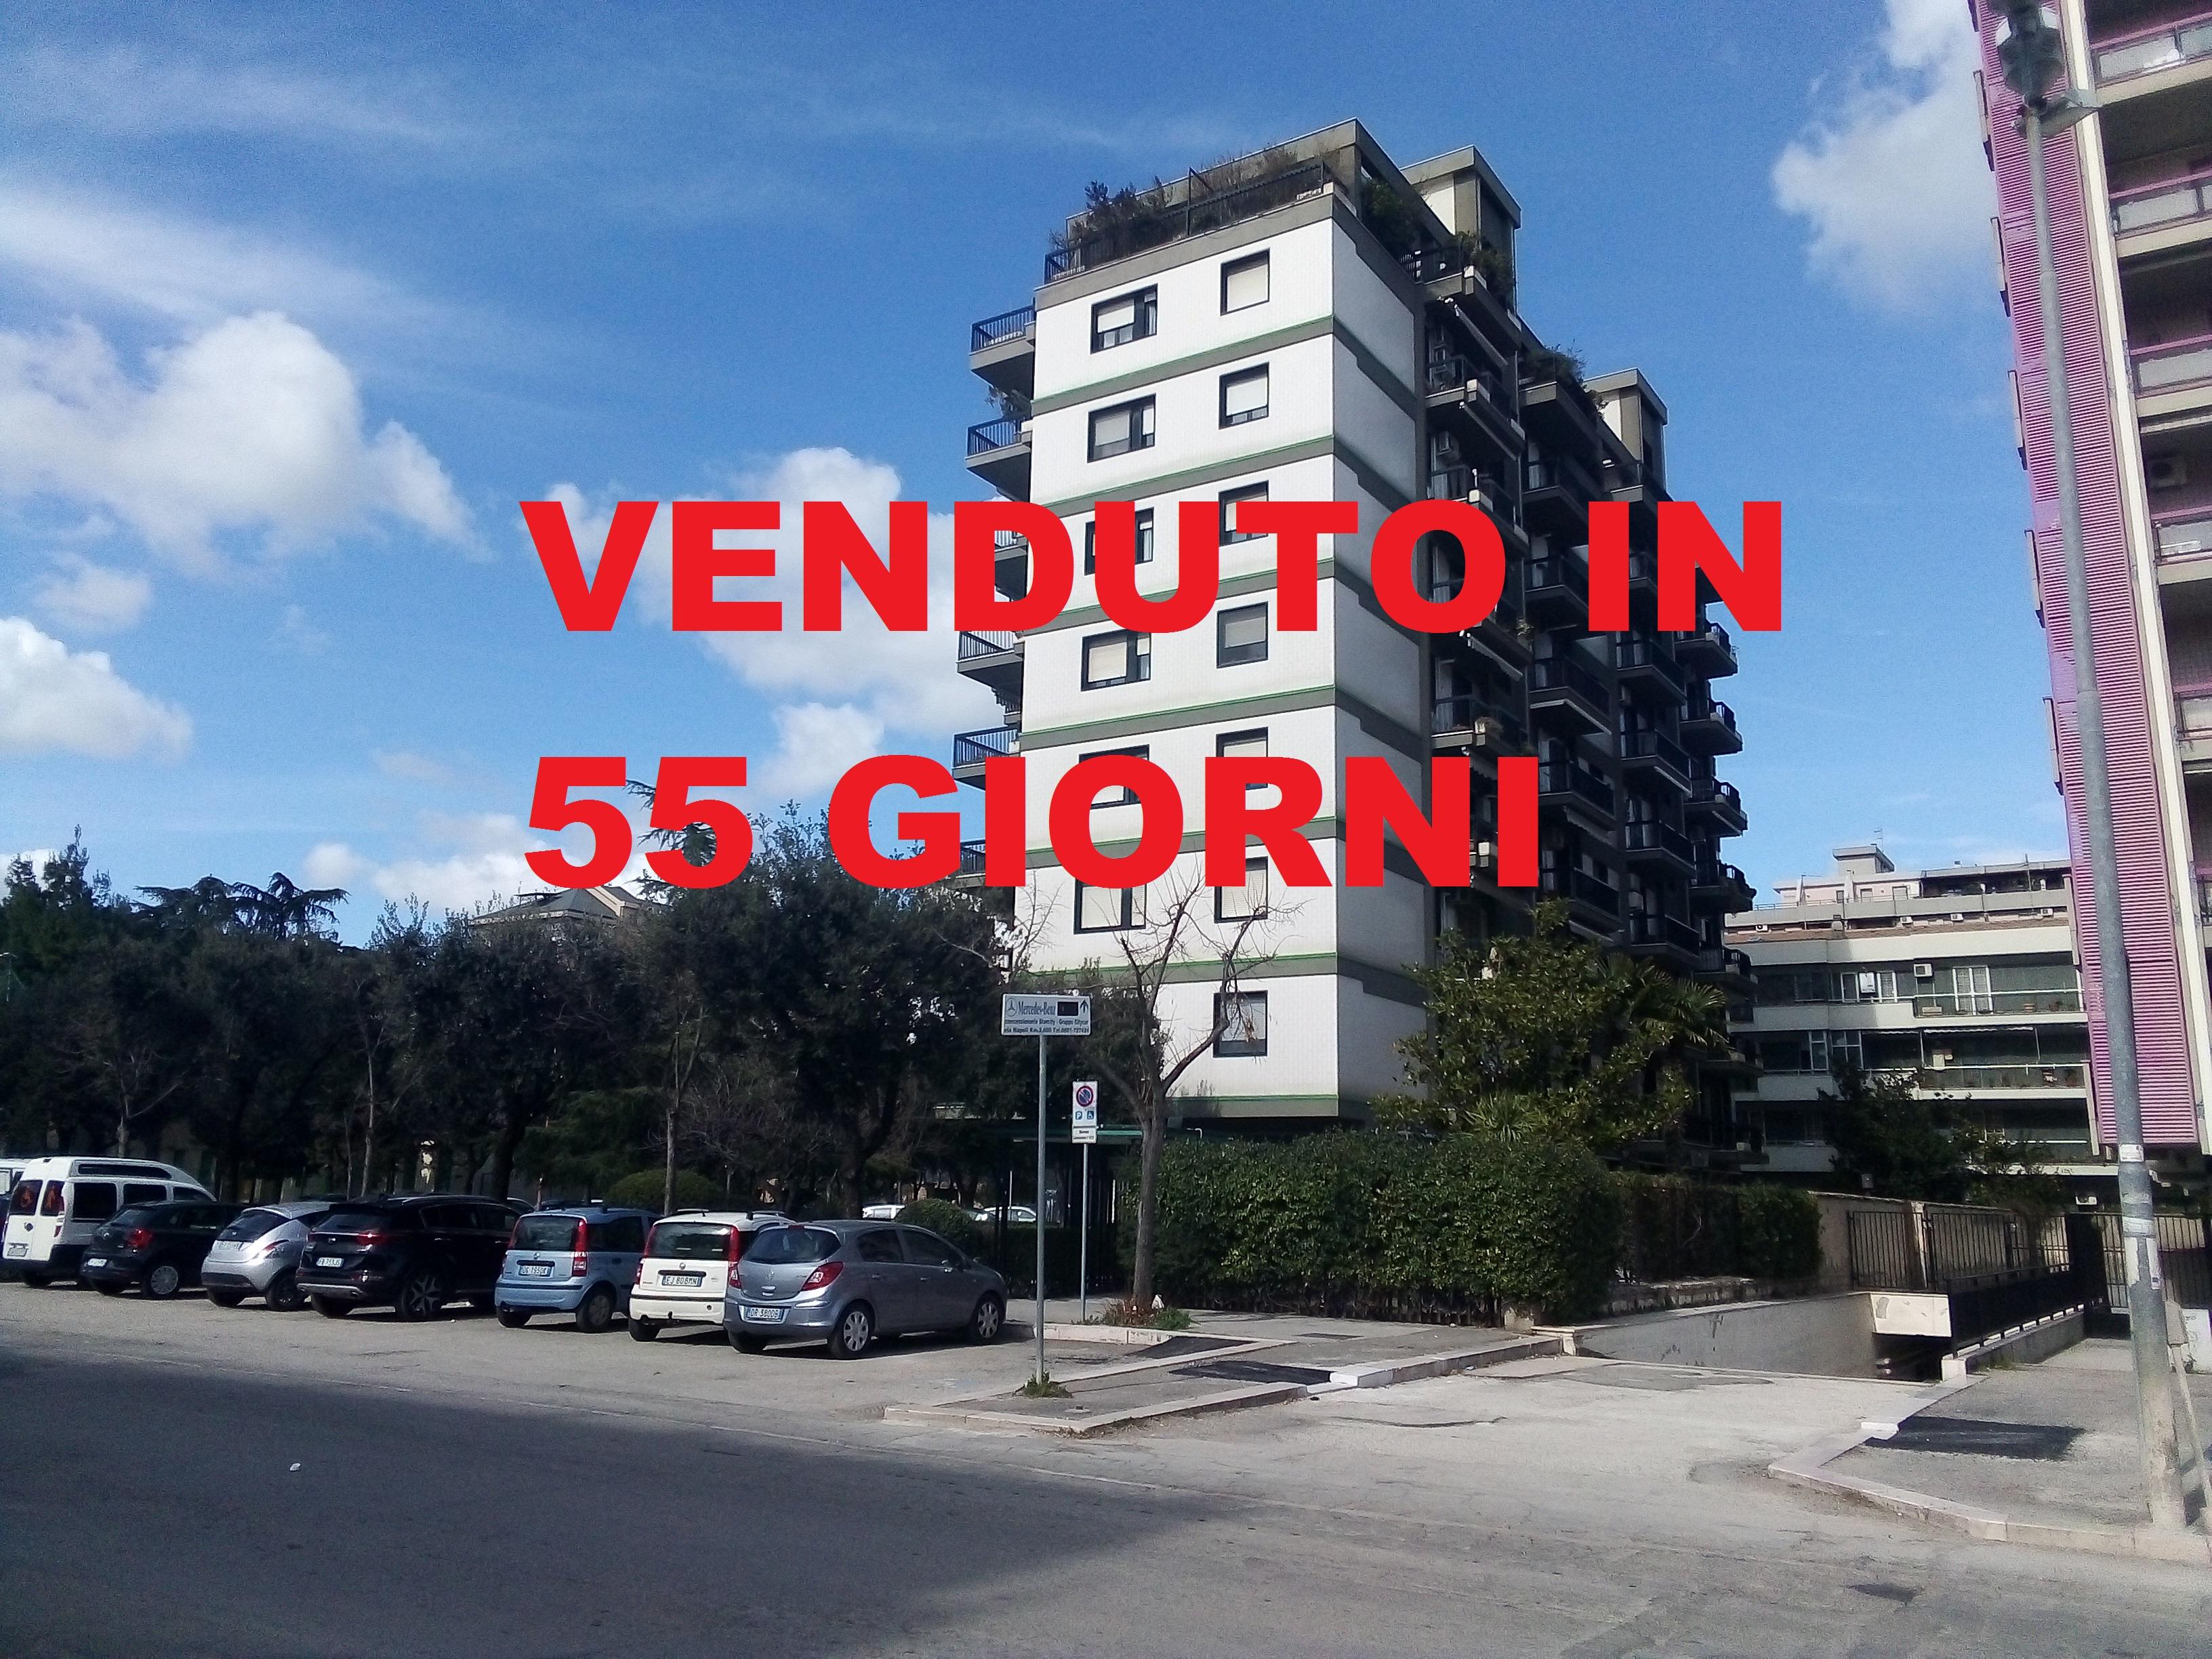 appartamento in vendita a foggia-Via Napoli 4 vani accessori e box